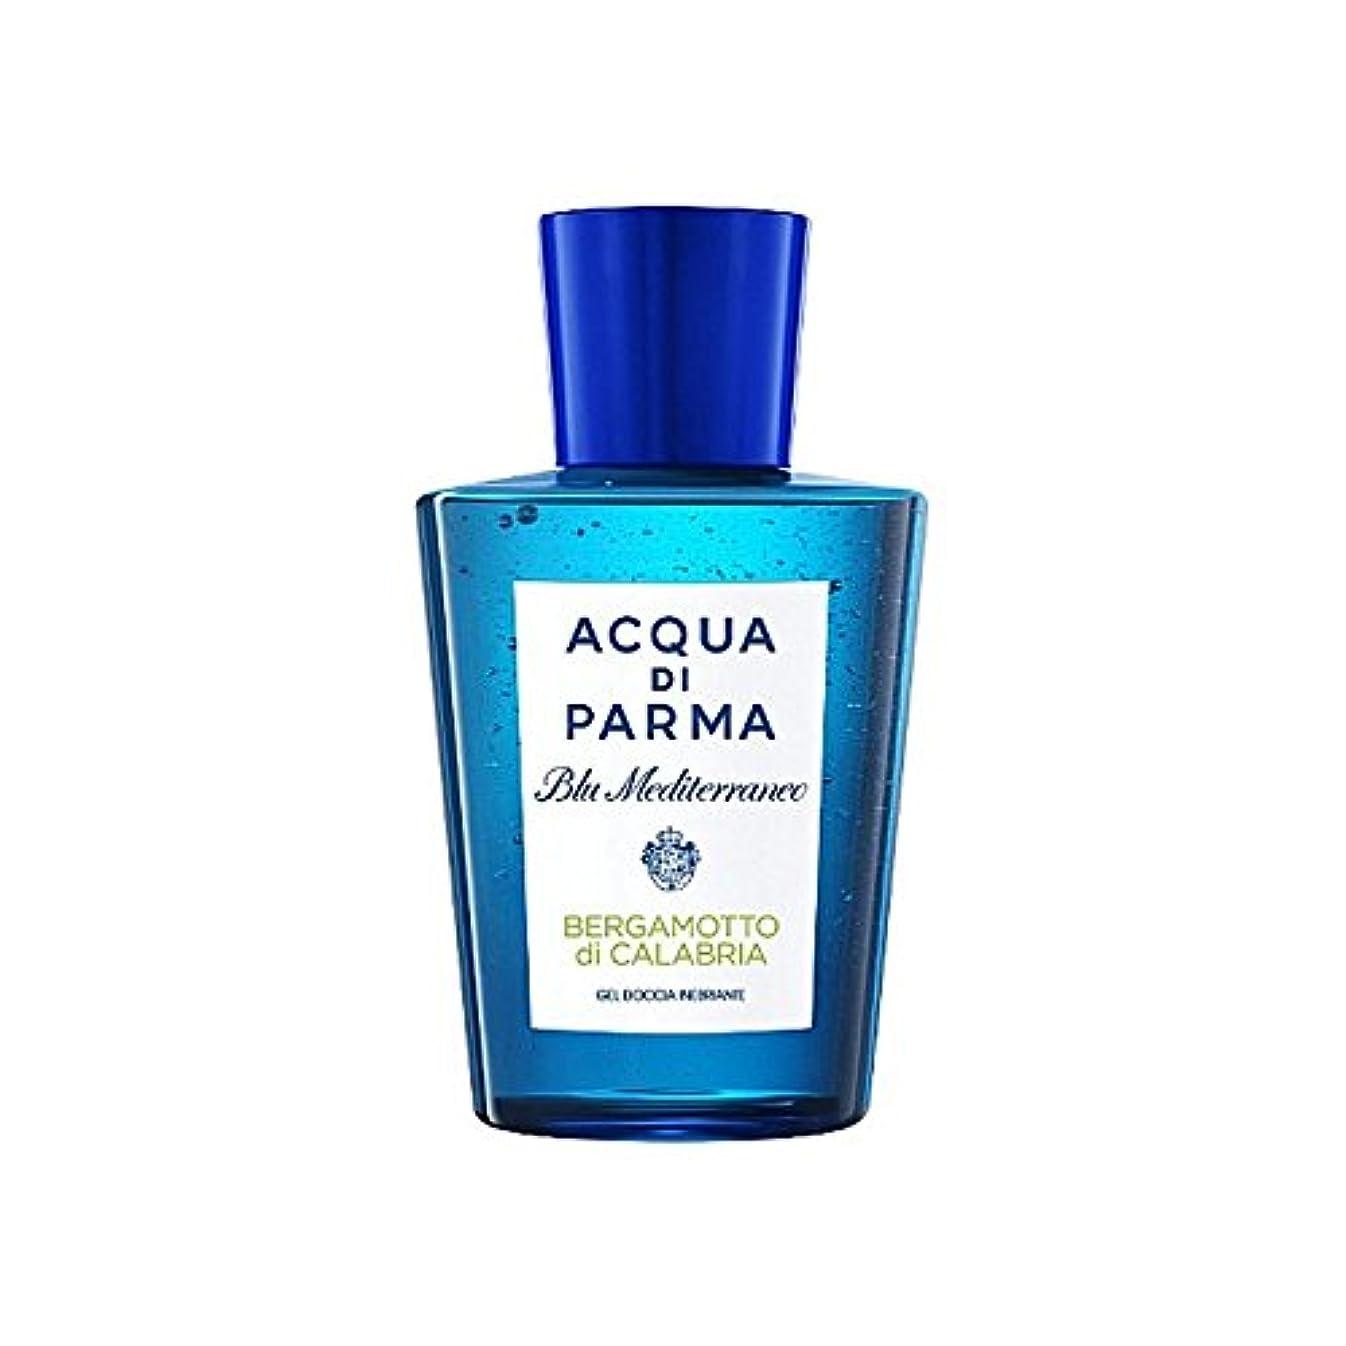 そう変位変位Acqua Di Parma Blu Mediterraneo Bergamotto Di Calabria Shower Gel 200ml - アクアディパルマブルーメディのディカラブリアシャワージェル200 [並行輸入品]